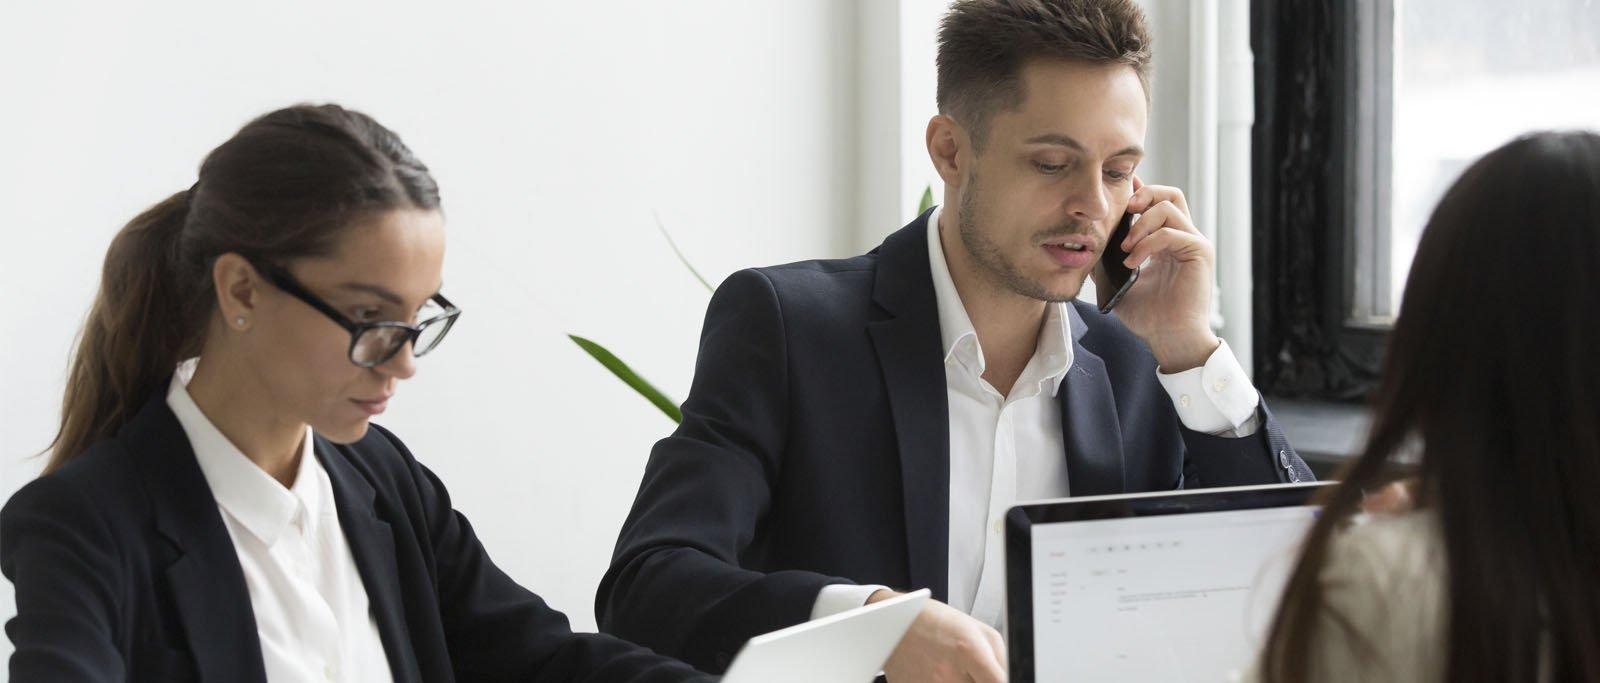 Saiba o que é automação da força de vendas e como aplicar em empresas B2B